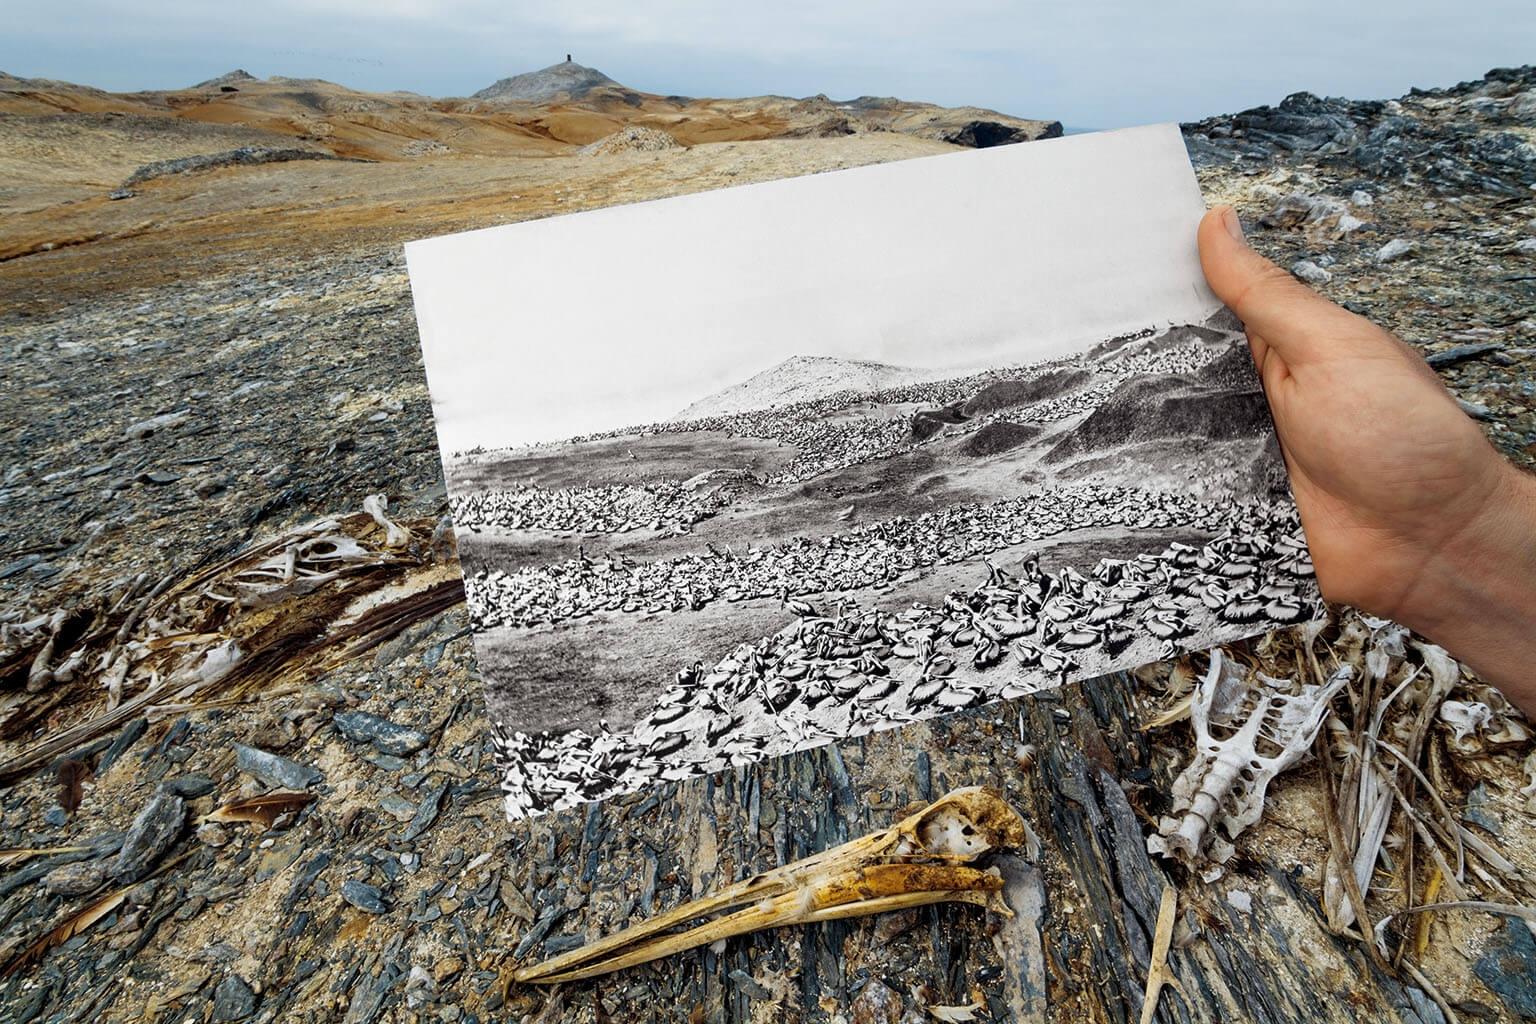 在祕魯的外洛波斯群島,1907年的照片顯示祕魯鵜鶘在此有一個繁殖群體,2017年在同一地點則呈現骨骸散落一地的景象,這一個世紀之間的落差,來自採收鳥糞石、過度漁撈,以及近期的氣候變遷。飢餓加上聖嬰現象帶來的降雨,可能造成前一個繁殖季的大部分幼雛死亡。